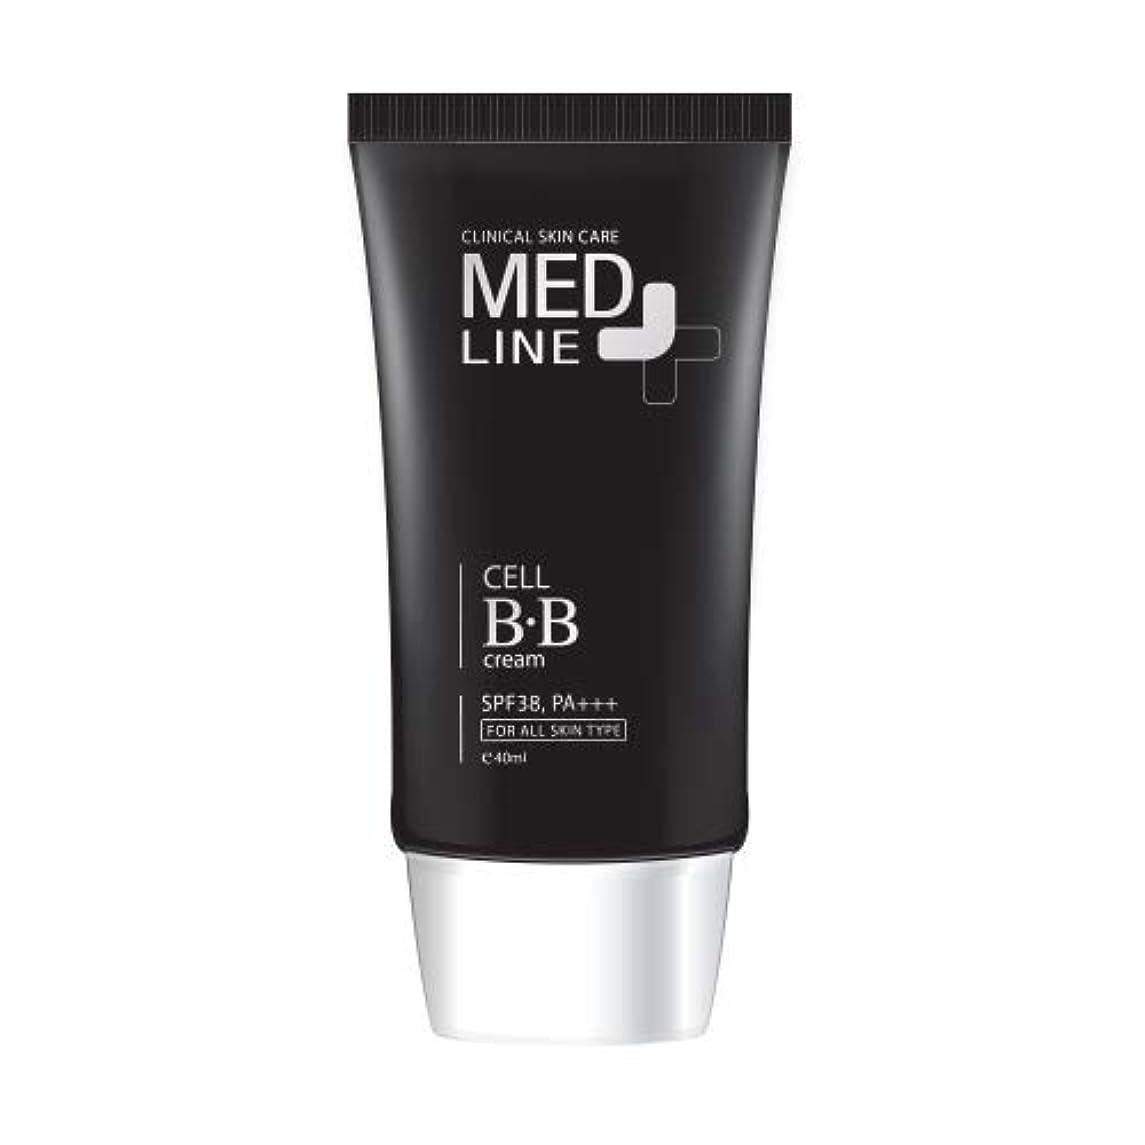 立法アセ説明するメドライン(Med Line) セルBBクリーム(Cell B.B Cream)